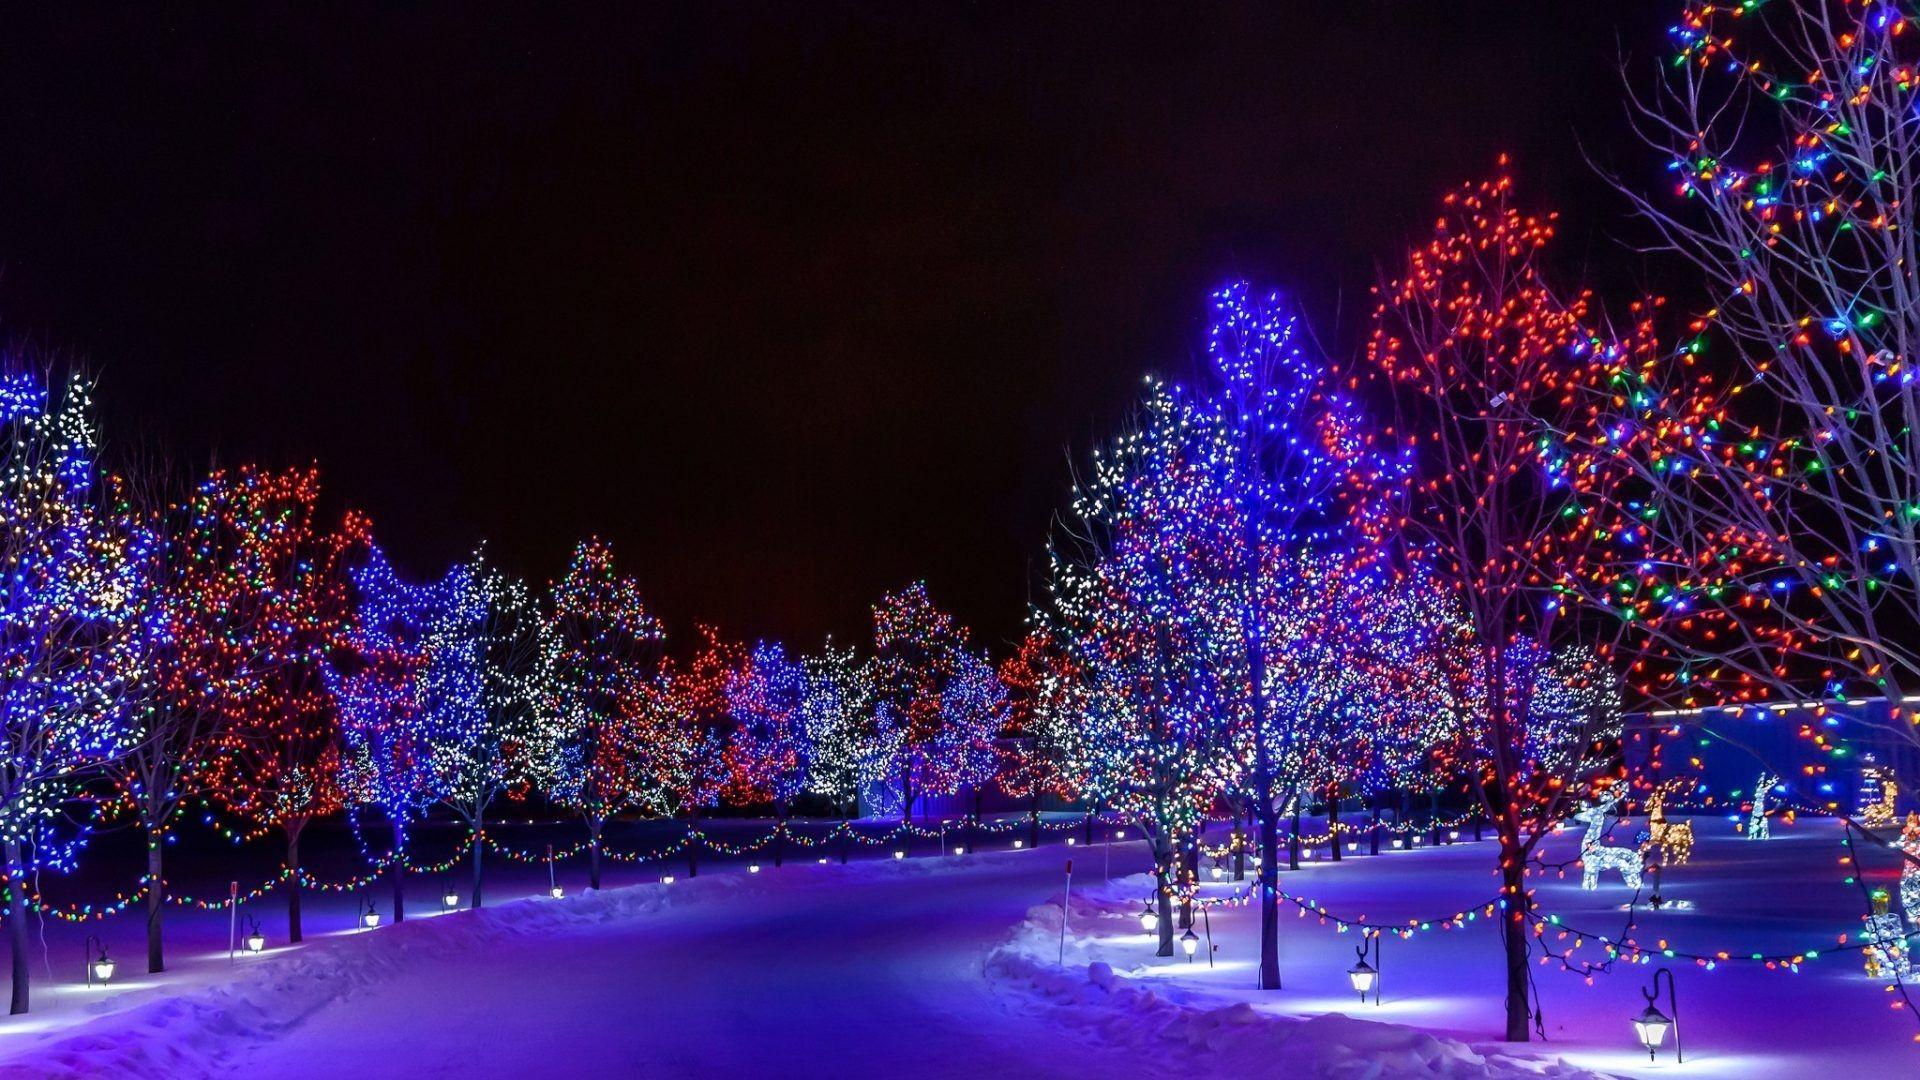 Blinking Christmas Lights Wallpaper 59 Images